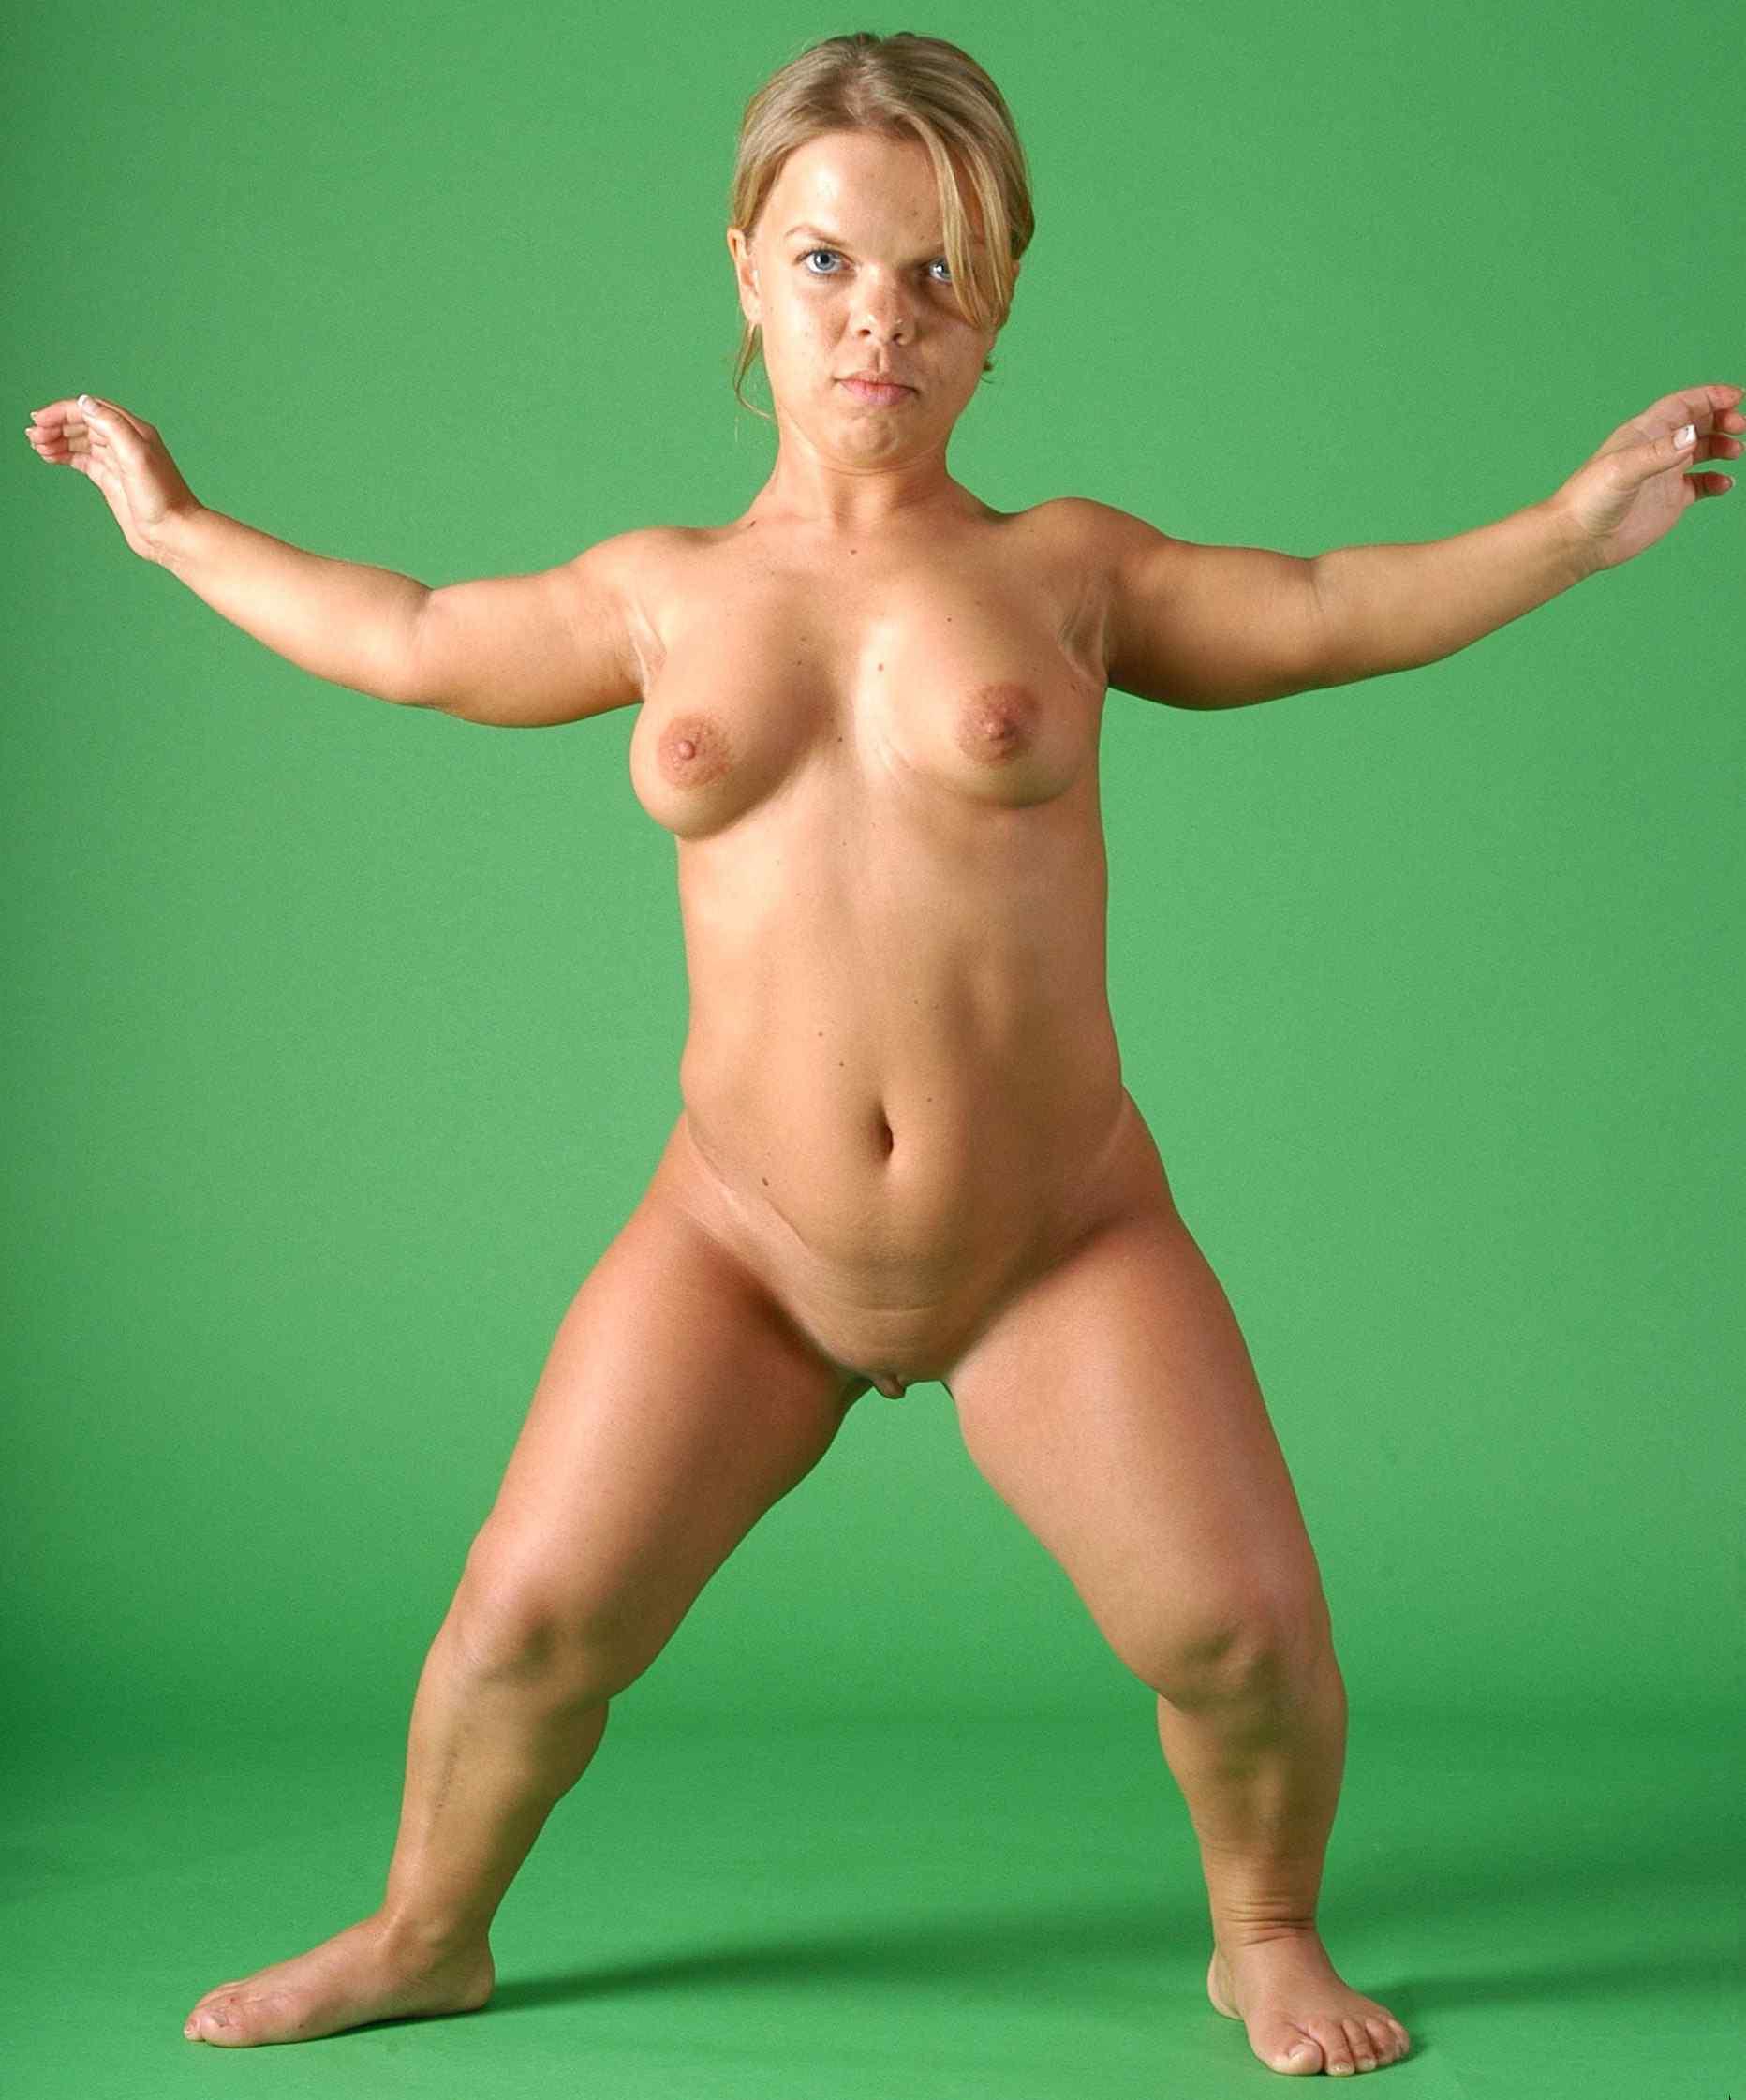 Nude midget women pictures galleries